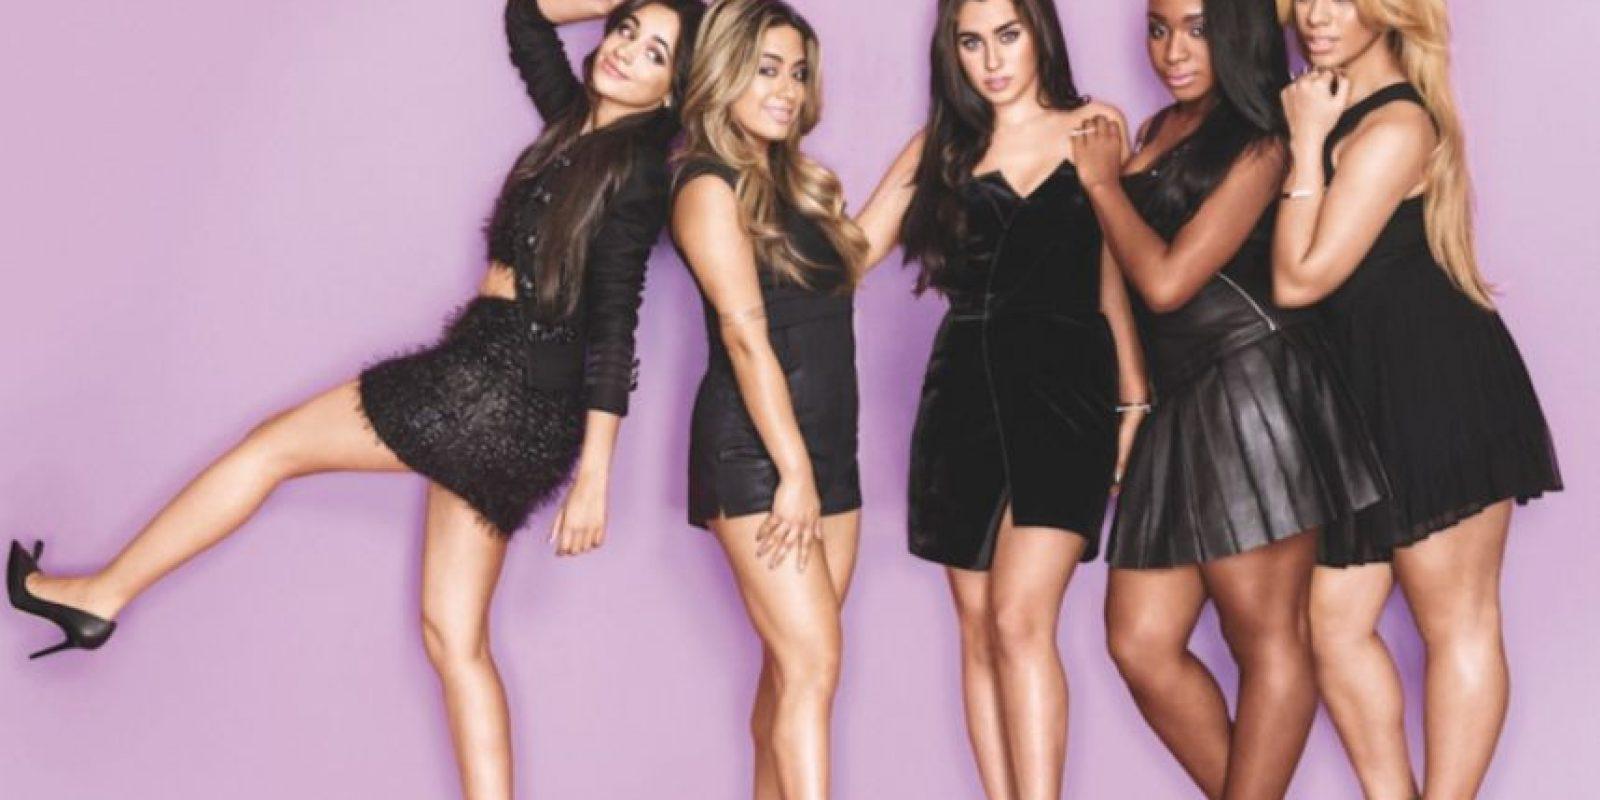 Fifth Harmony Foto:Vía Fifth Harmony. Imagen Por: